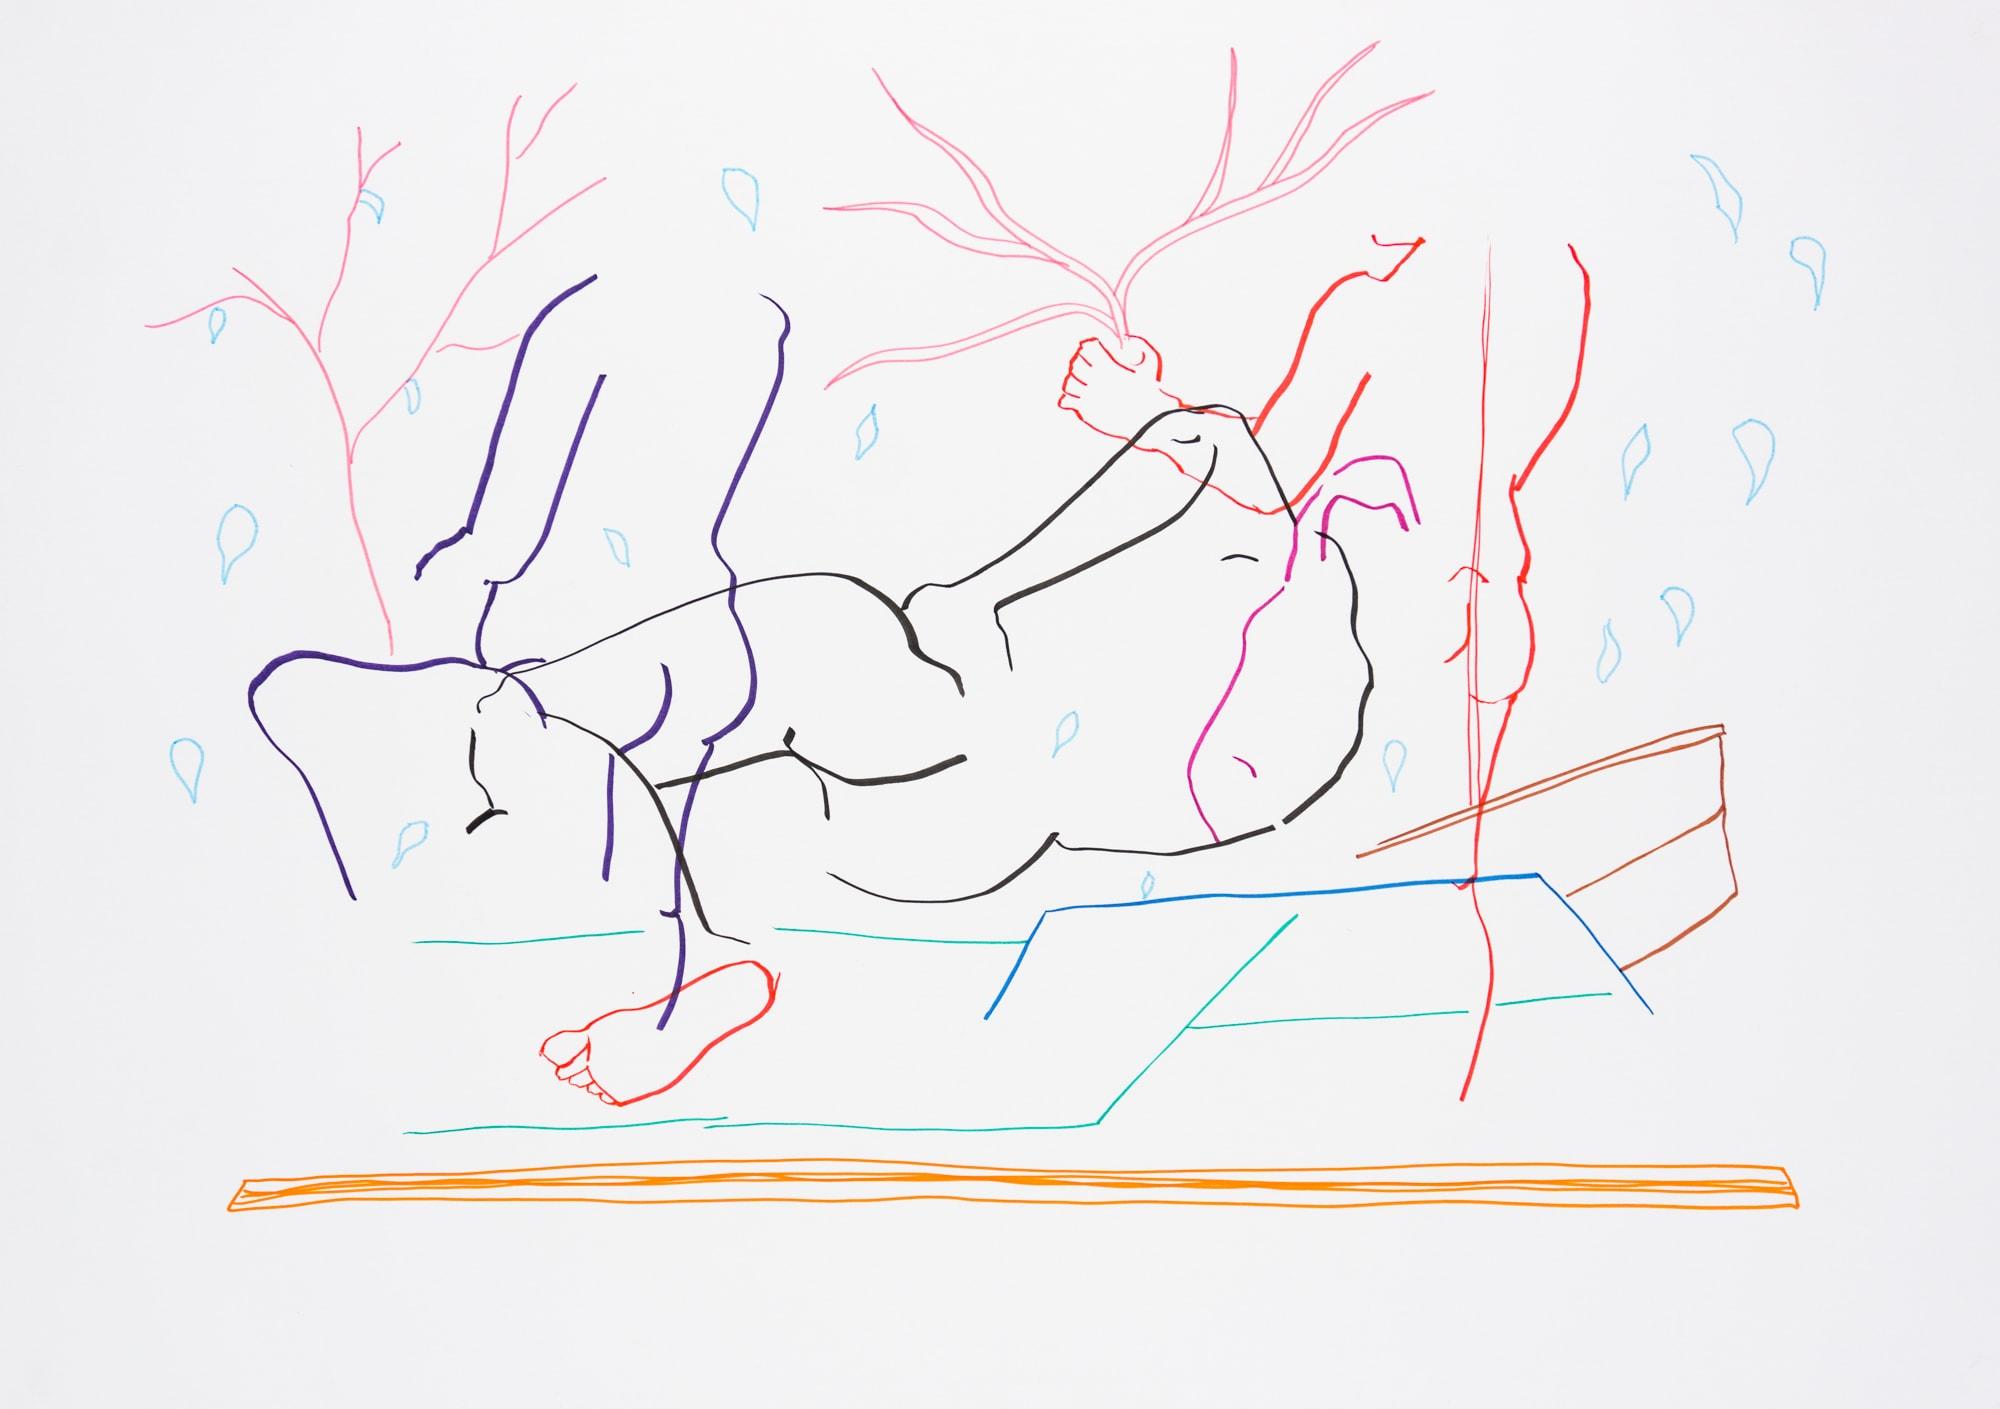 Zeichnung, Tuschemarker auf Papier, 59,4x42cm, Männerakt, Künstlerin: Franziska King